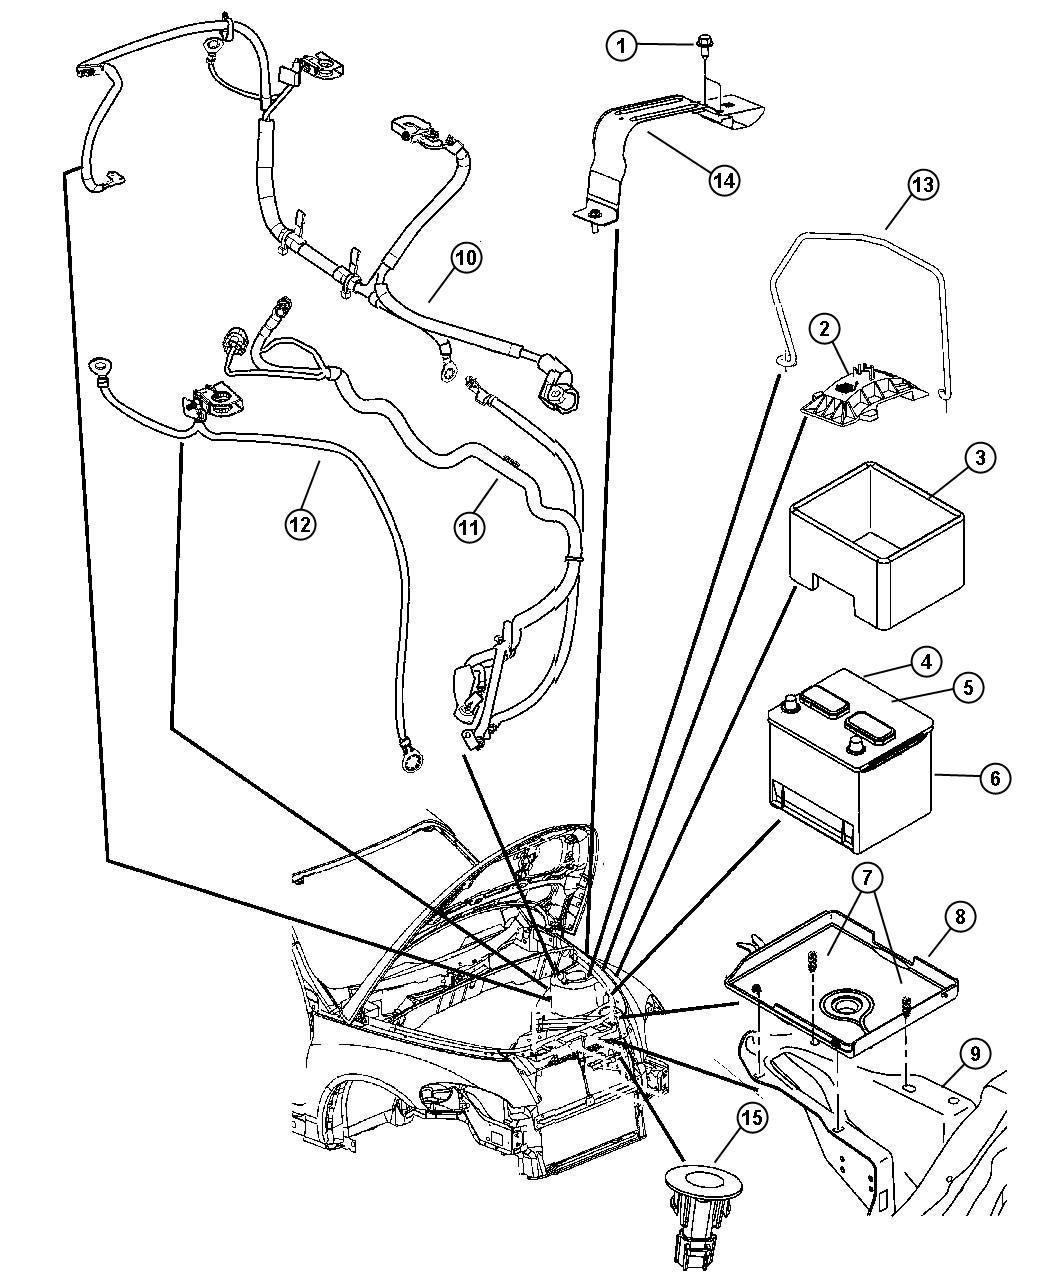 Chrysler PT Cruiser Wiring. Battery. Amp, maintenance